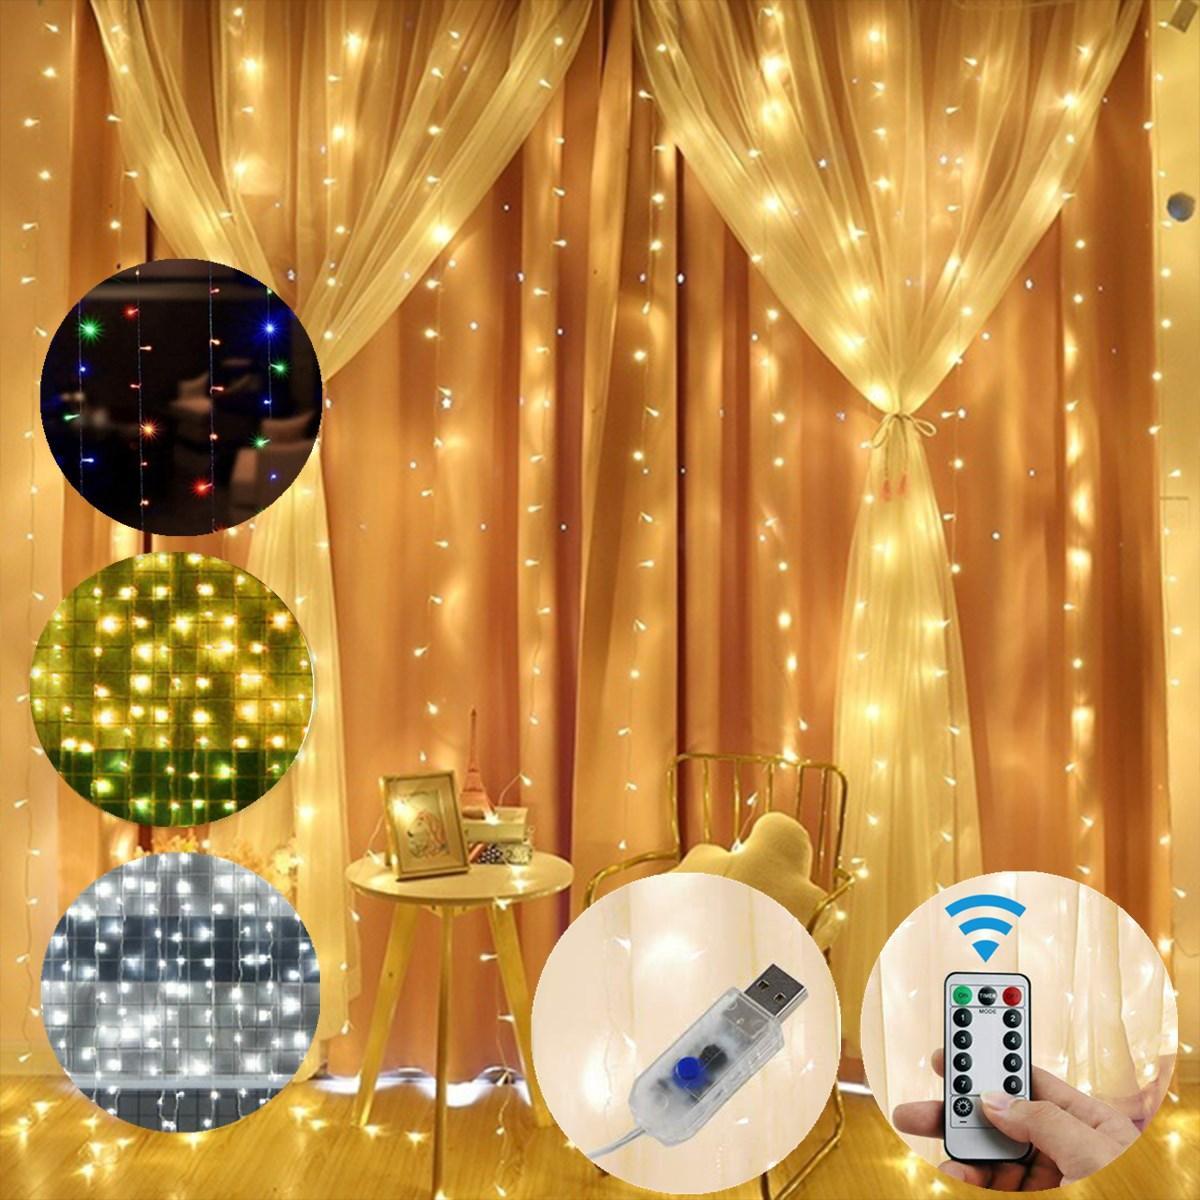 3M * 1M / 3M * 2M USB Chống nước dây cúi LED Chuỗi ánh sáng Rèm cây Dải Giáng sinh Giáng sinh Tiệc Giáng sinh